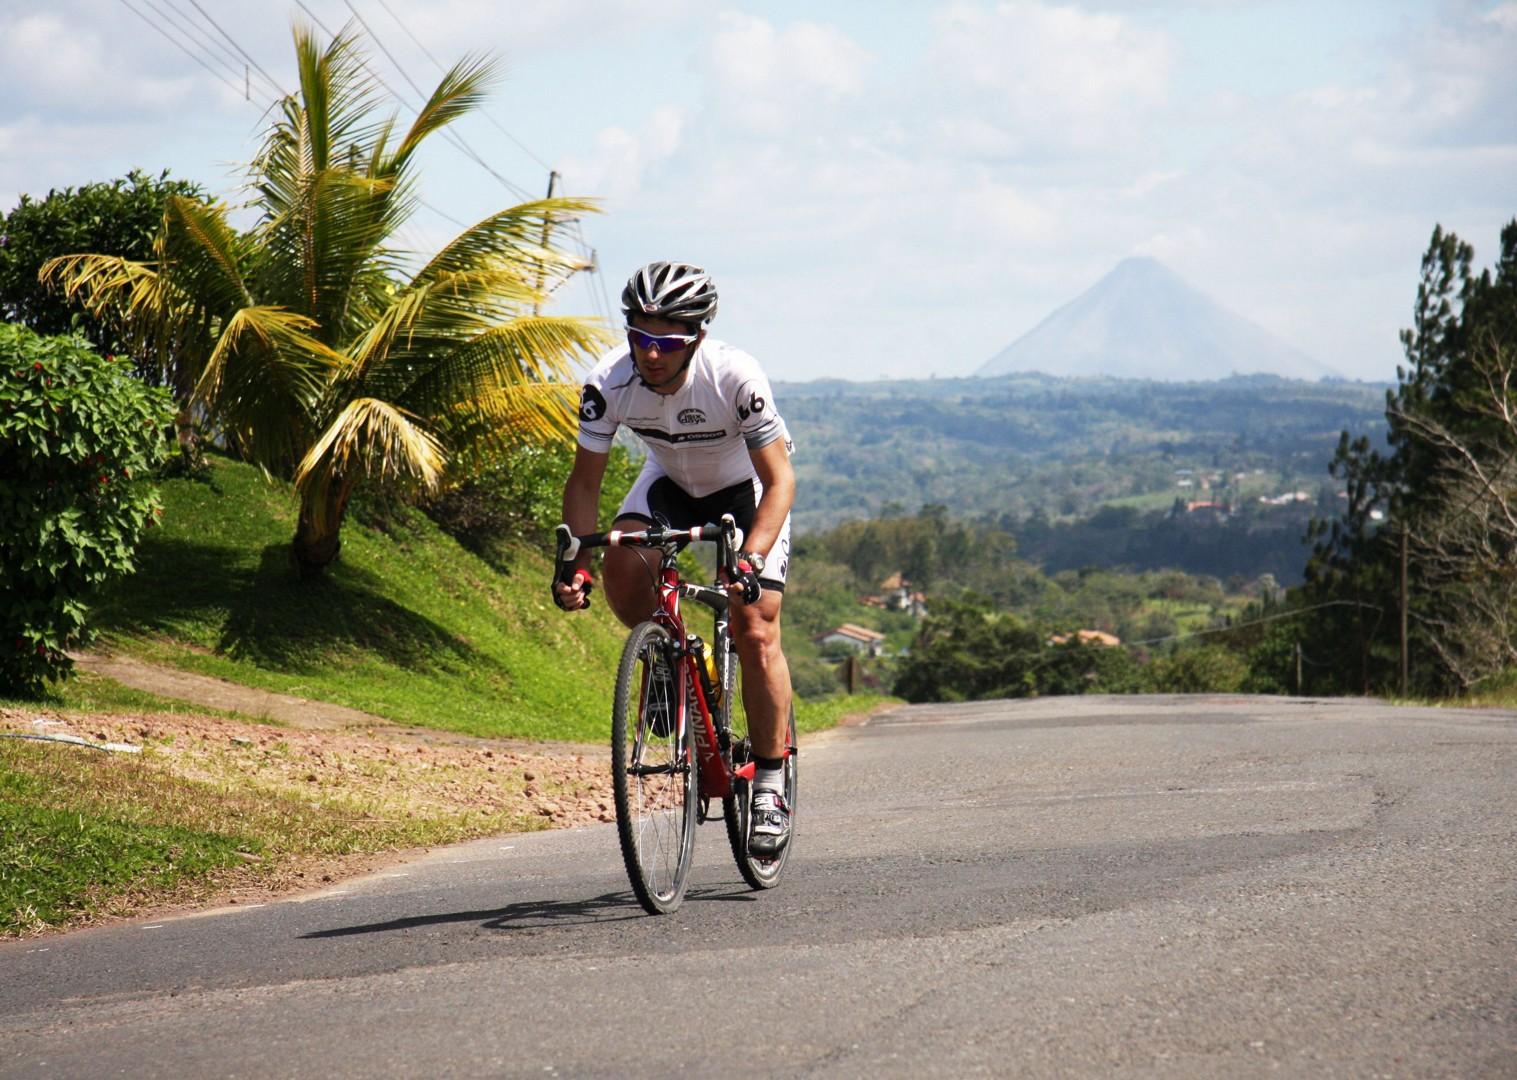 guided-road-cycling-holiday-ruta-de-los-volcanes-costa-rica.jpg - Costa Rica - Ruta de los Volcanes - Road Cycling